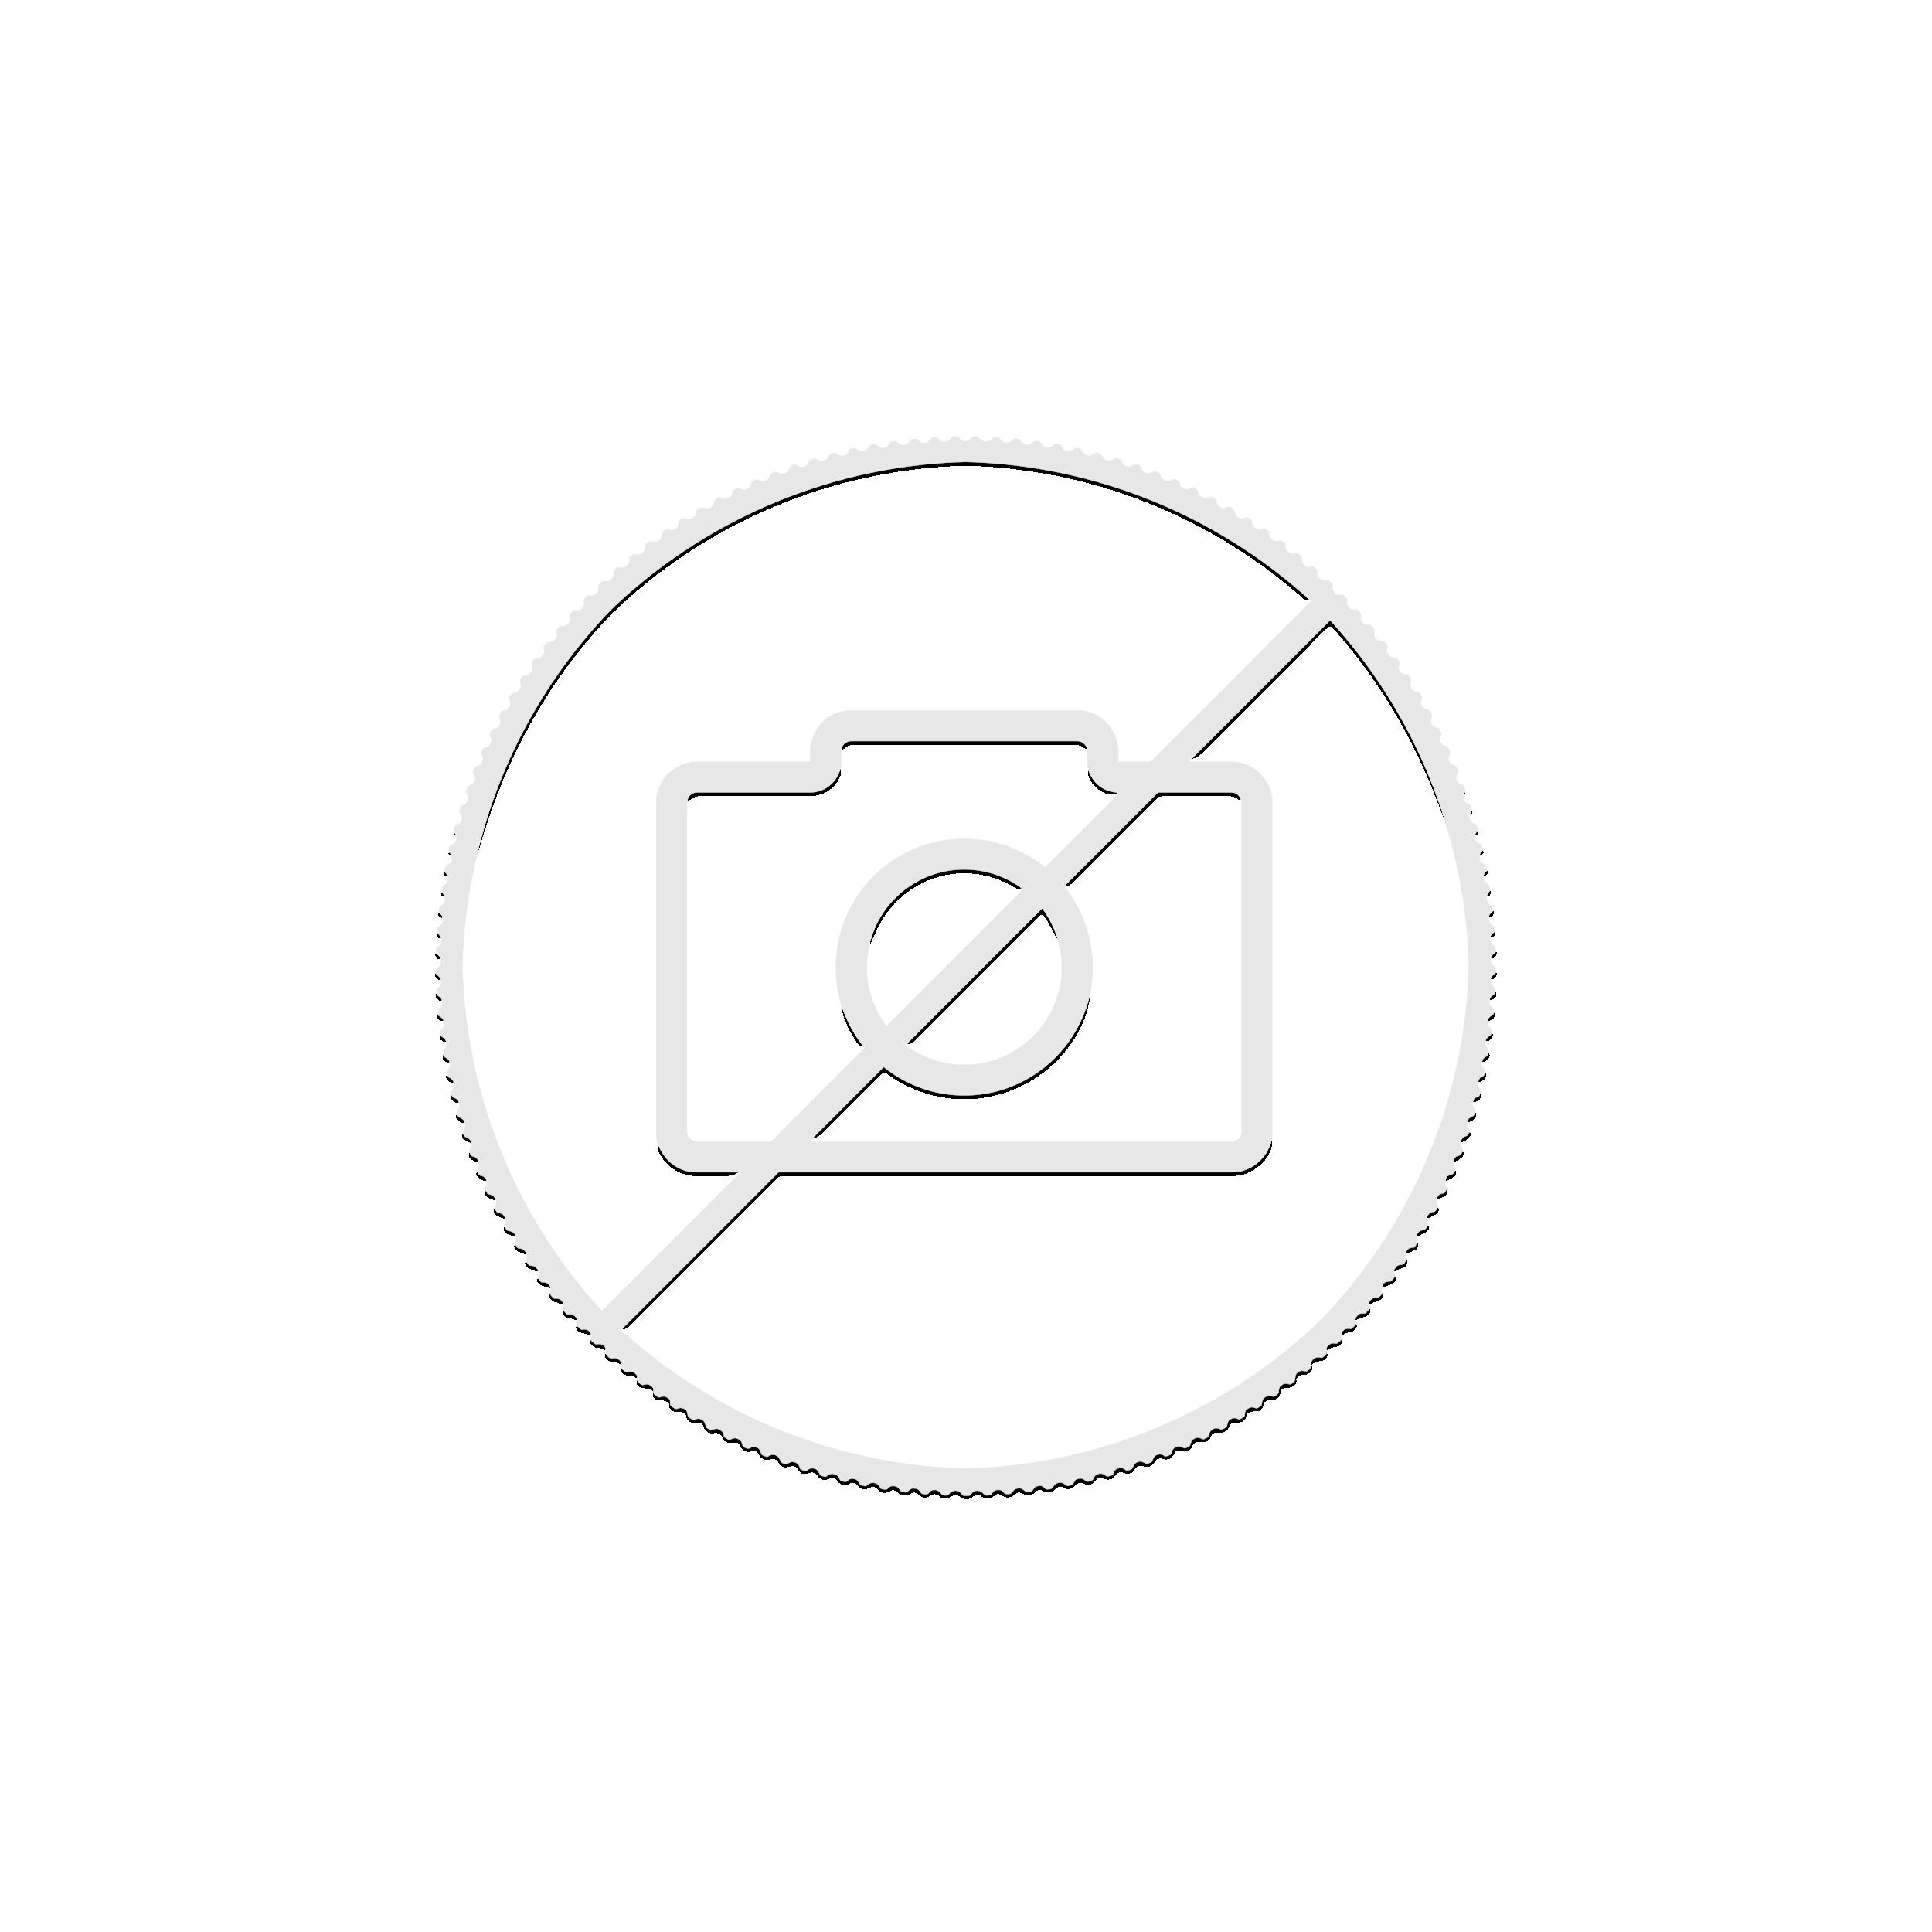 1 Troy ounce platinum coin Lunar 2021